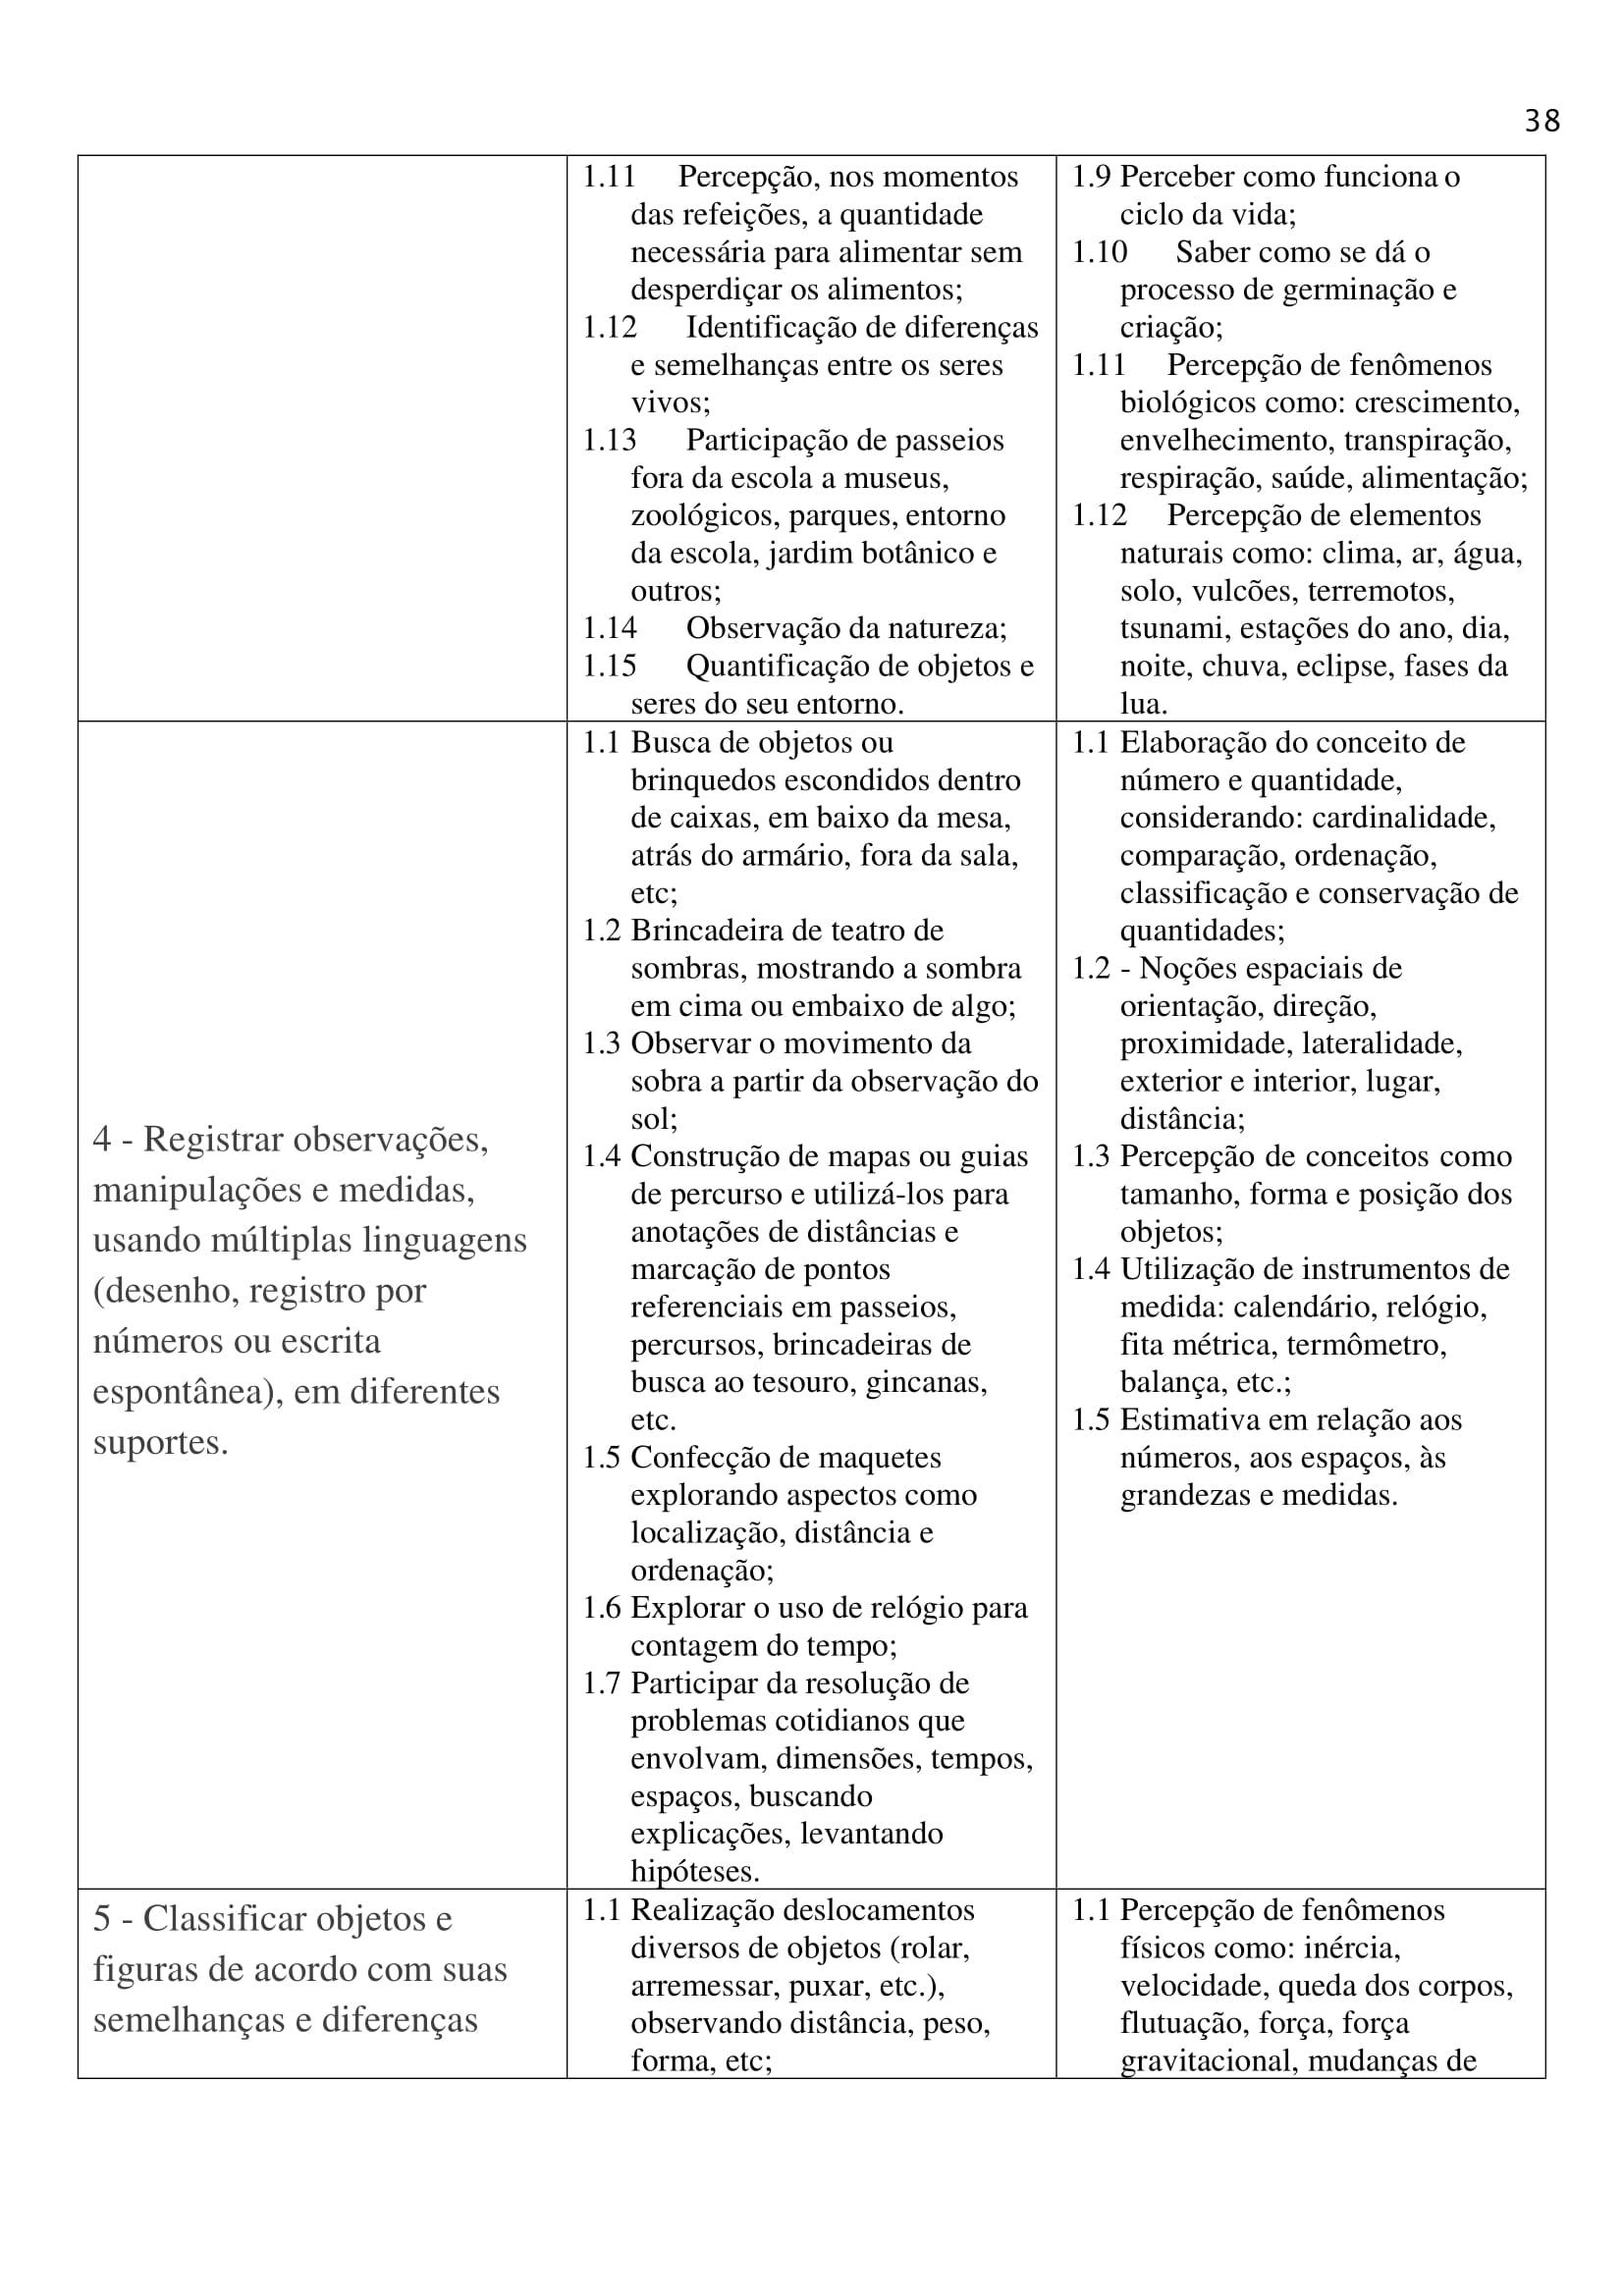 planejamento-educação-infantil-bncc-geral-68